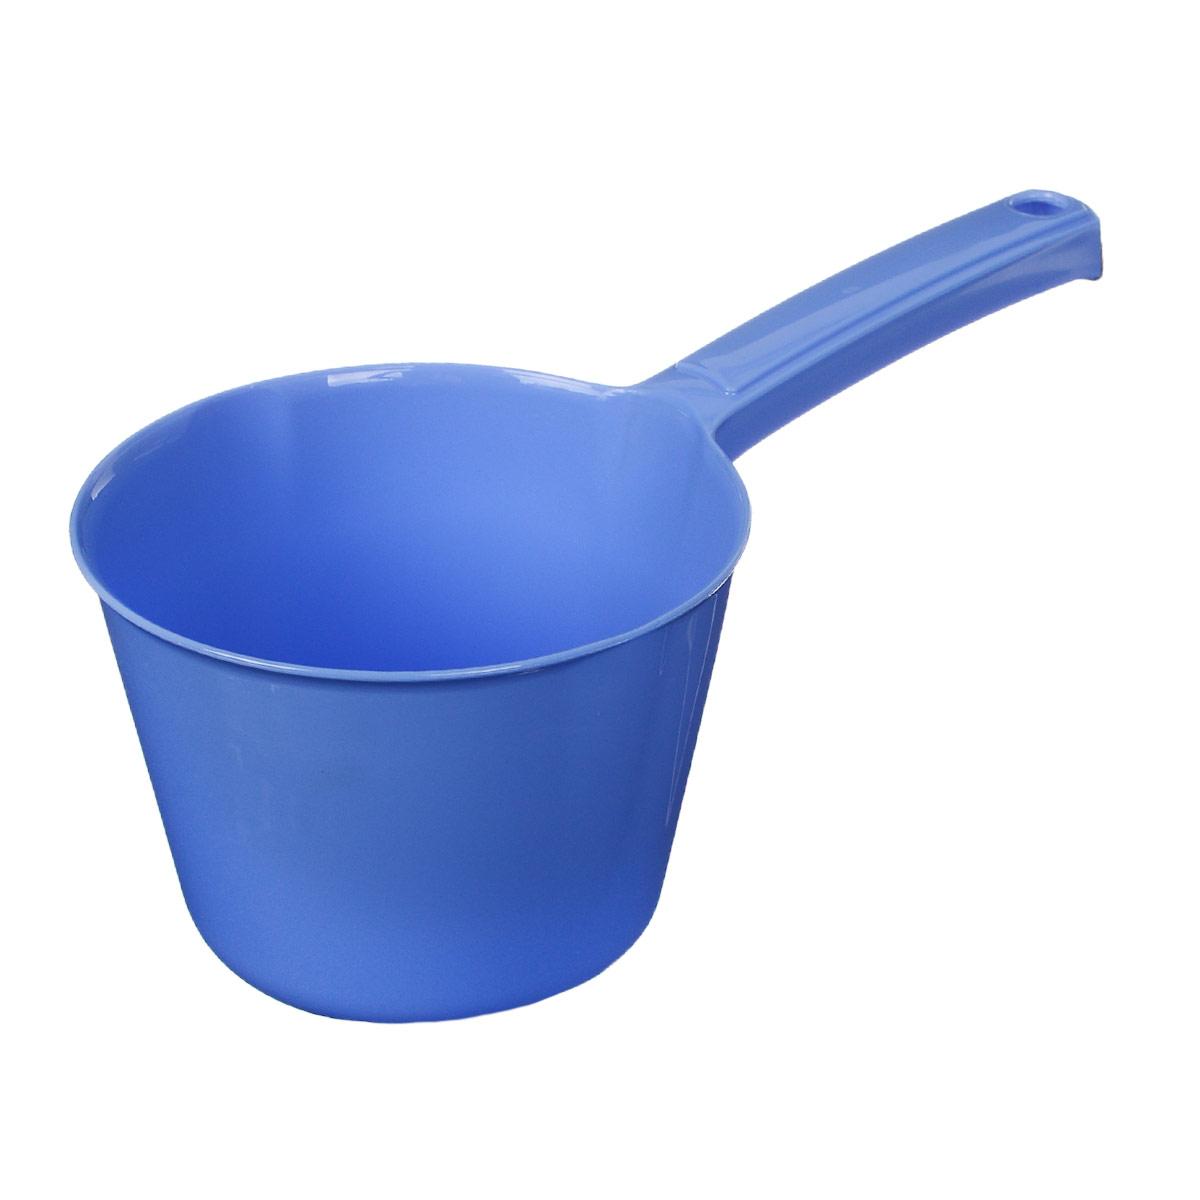 Ковш Idea, цвет: голубой, 1 лG-16ККовш Idea изготовлен из высококачественного цветного пластика. Изделие используется для моечных и обливных процедур, для черпания и переливания воды и других жидкостей. Ковш оснащен удобной эргономичной ручкой с петелькой для подвешивания на крючок. Размер ковша (без учета ручки): 13,5 см х 13,5 см х 10,5 см.Длина ручки: 12 см.